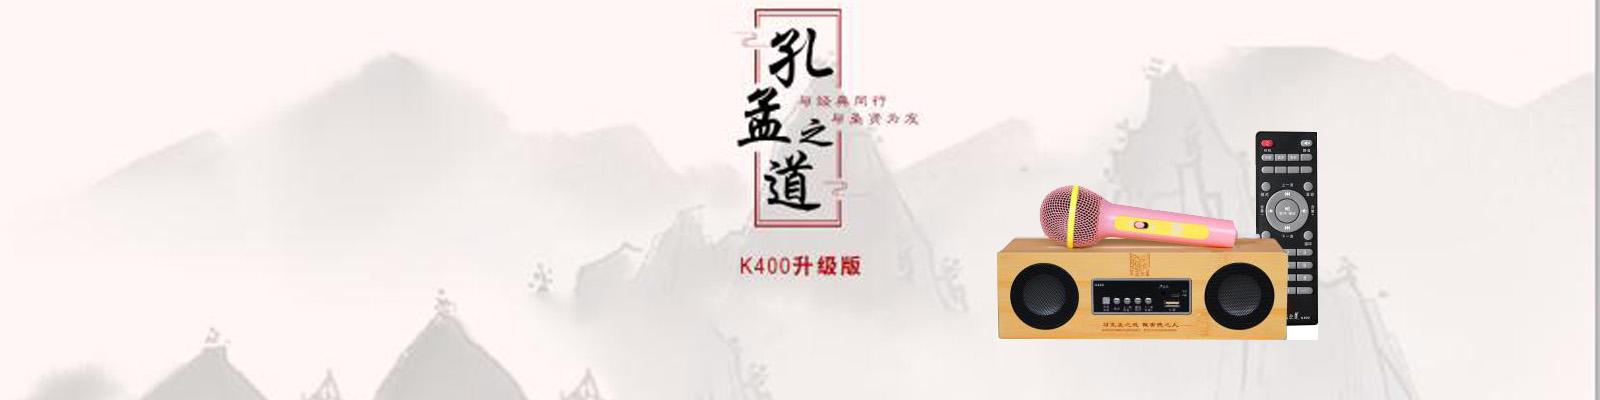 郑州小夫子文化传媒有限公司